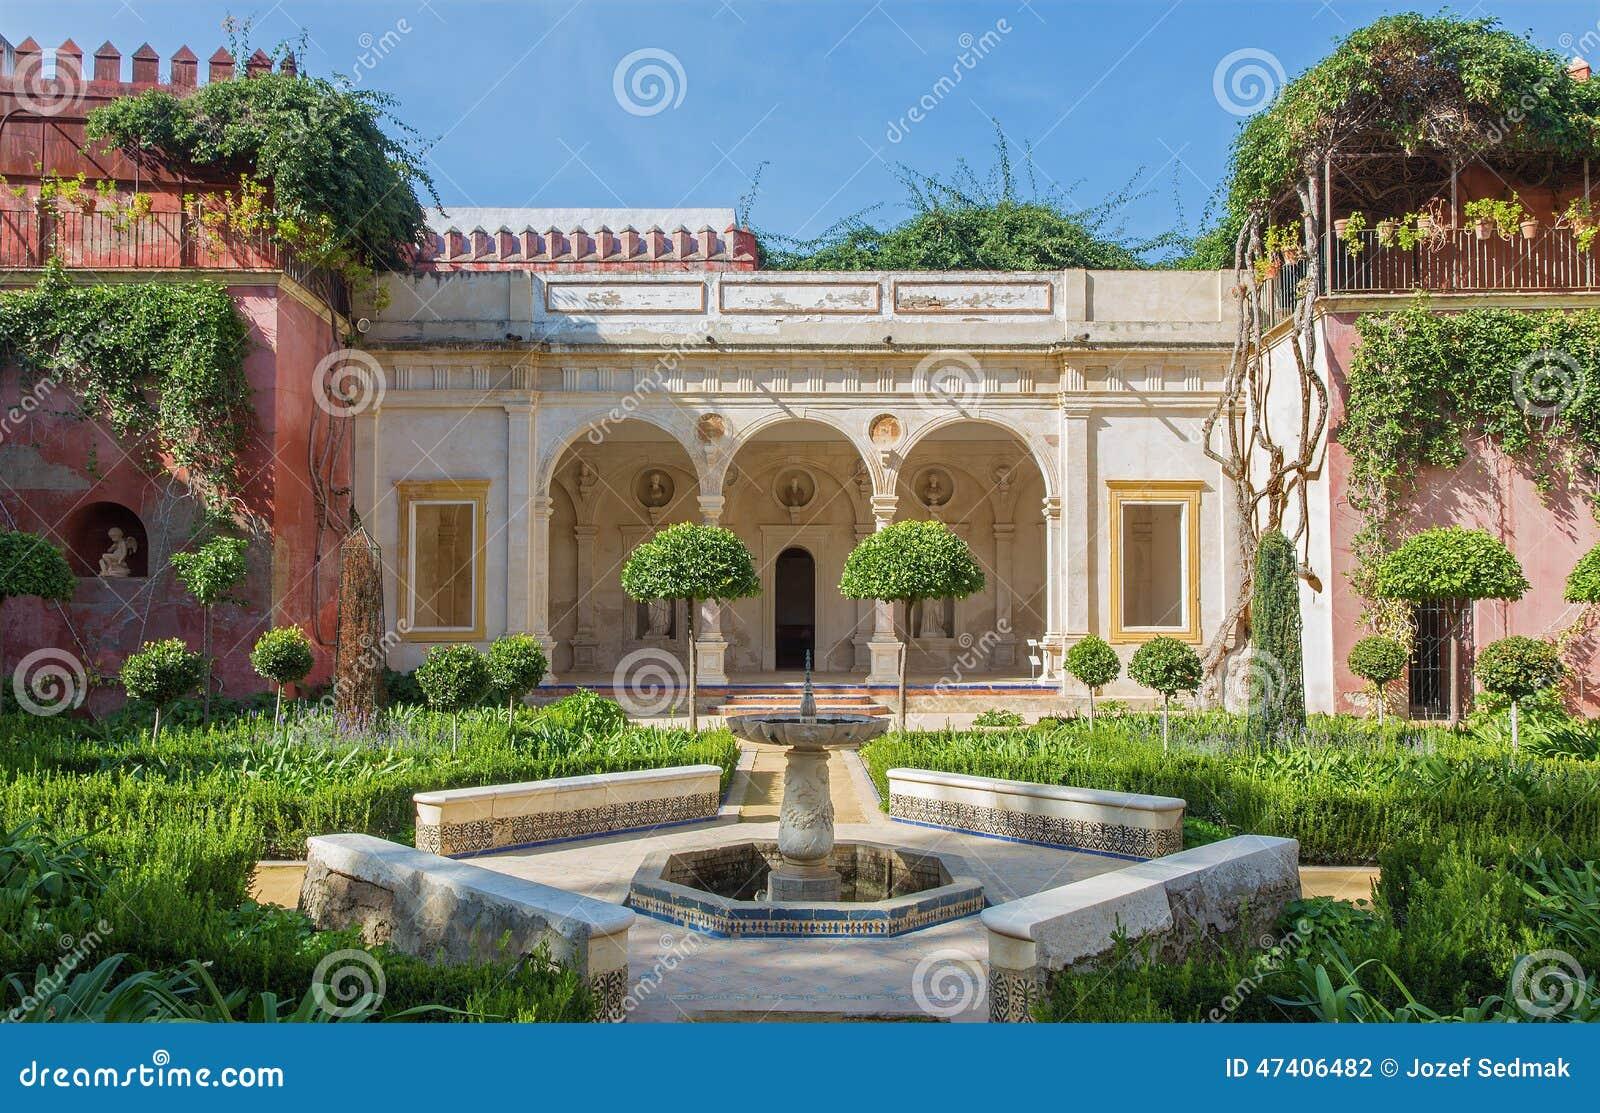 Siviglia la facciata ed i giardini di casa de pilatos - Giardini di casa ...